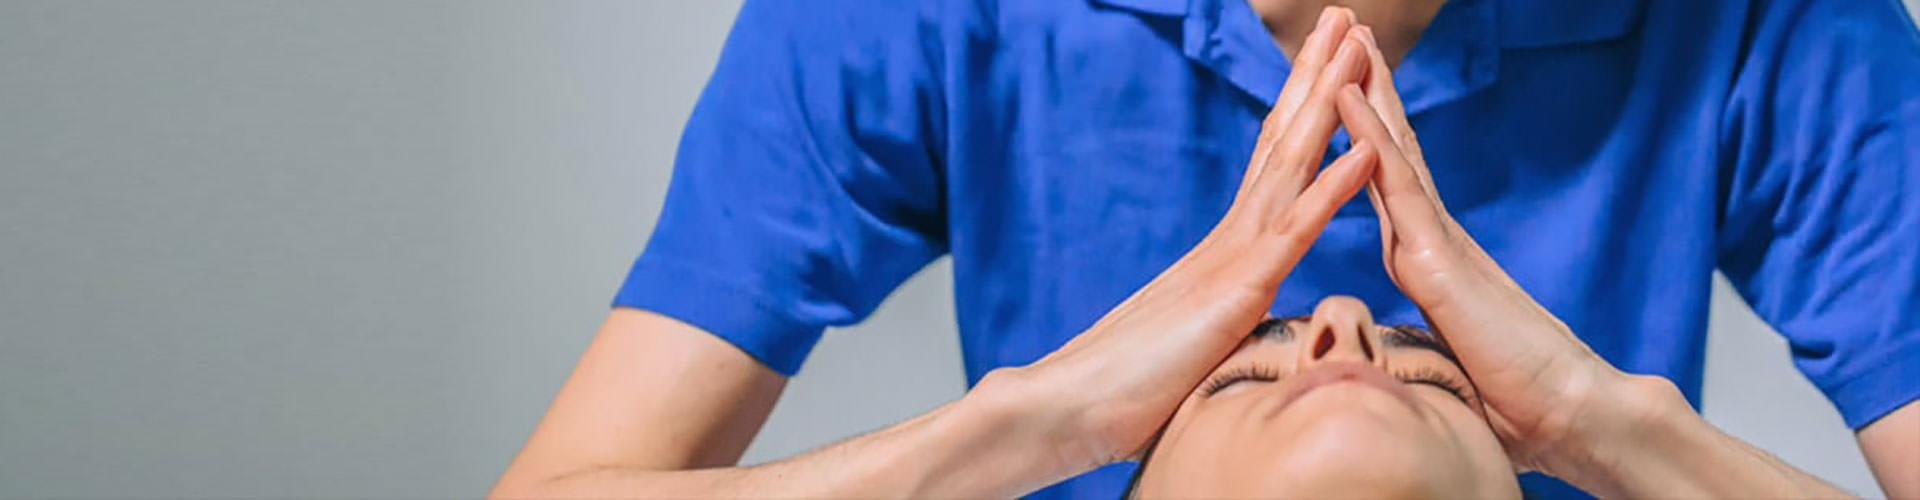 Medici Fisioterapisti